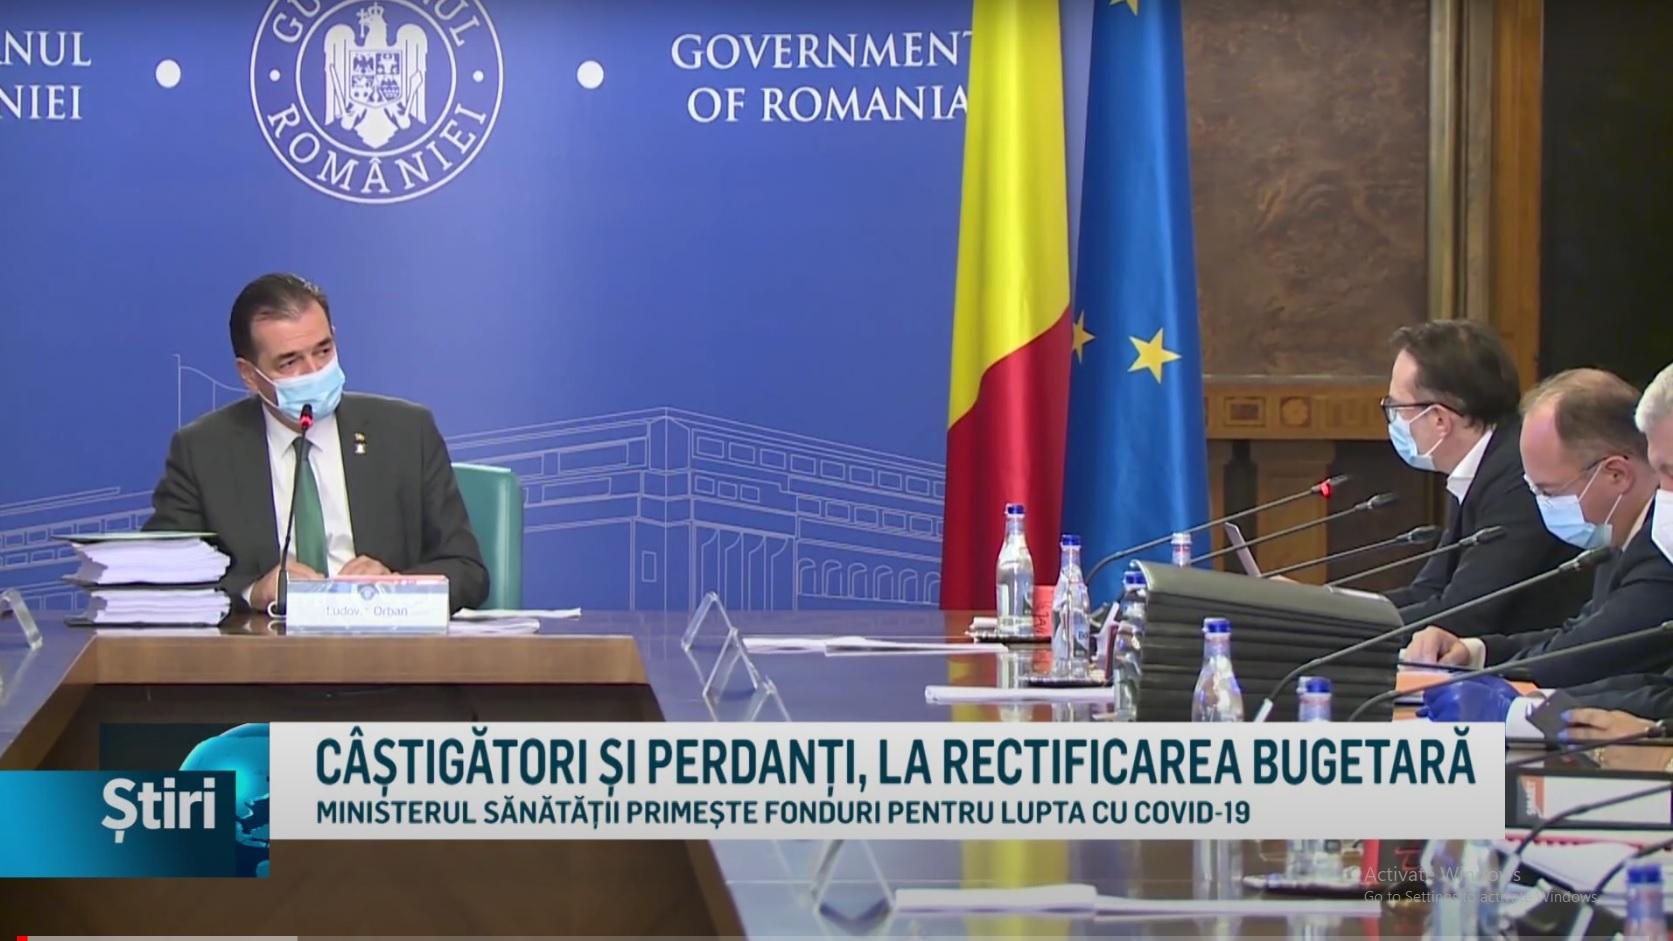 CÂȘTIGĂTORI ȘI PERDANȚI, LA RECTIFICAREA BUGETARĂ